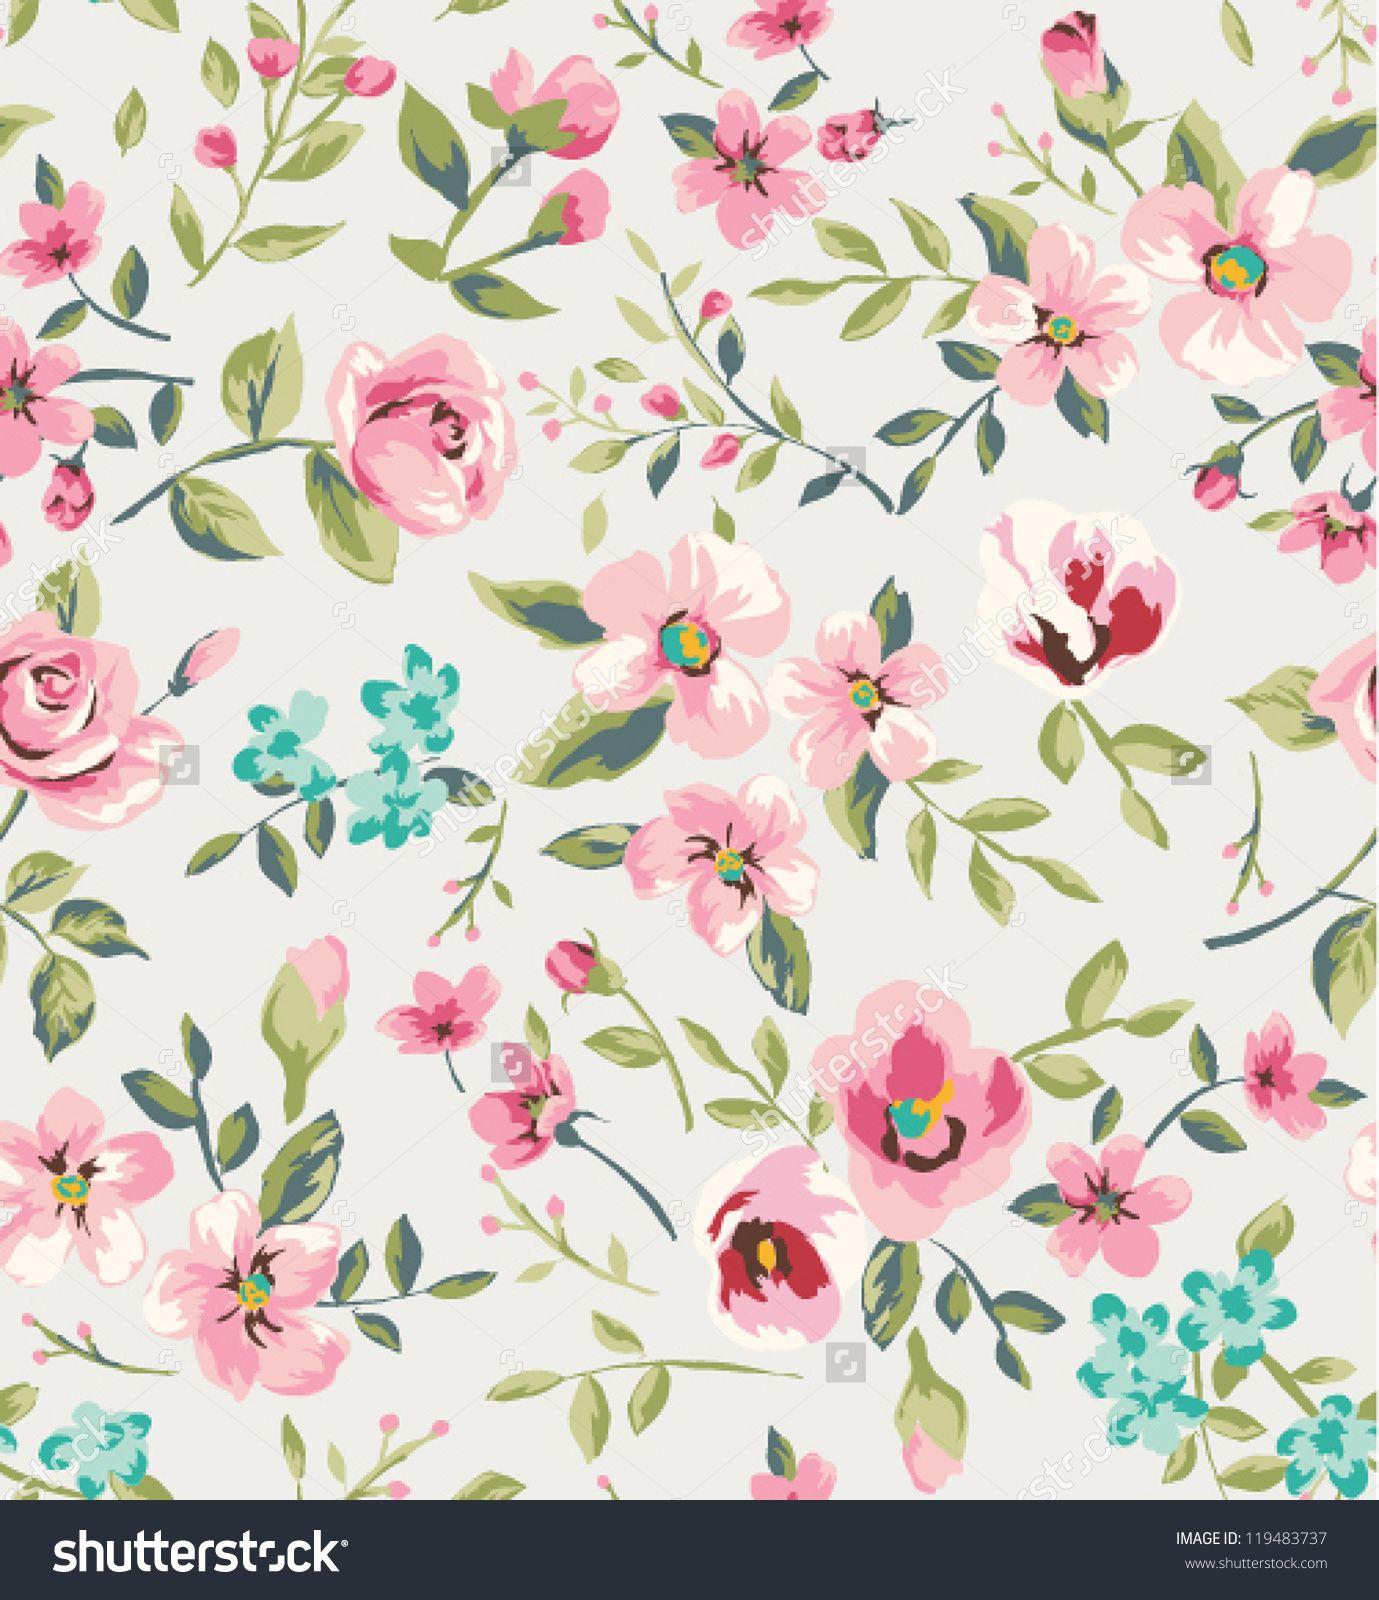 Seamless Vintage Flower Garden Pattern Background Vintage Flowers Background Patterns Floral